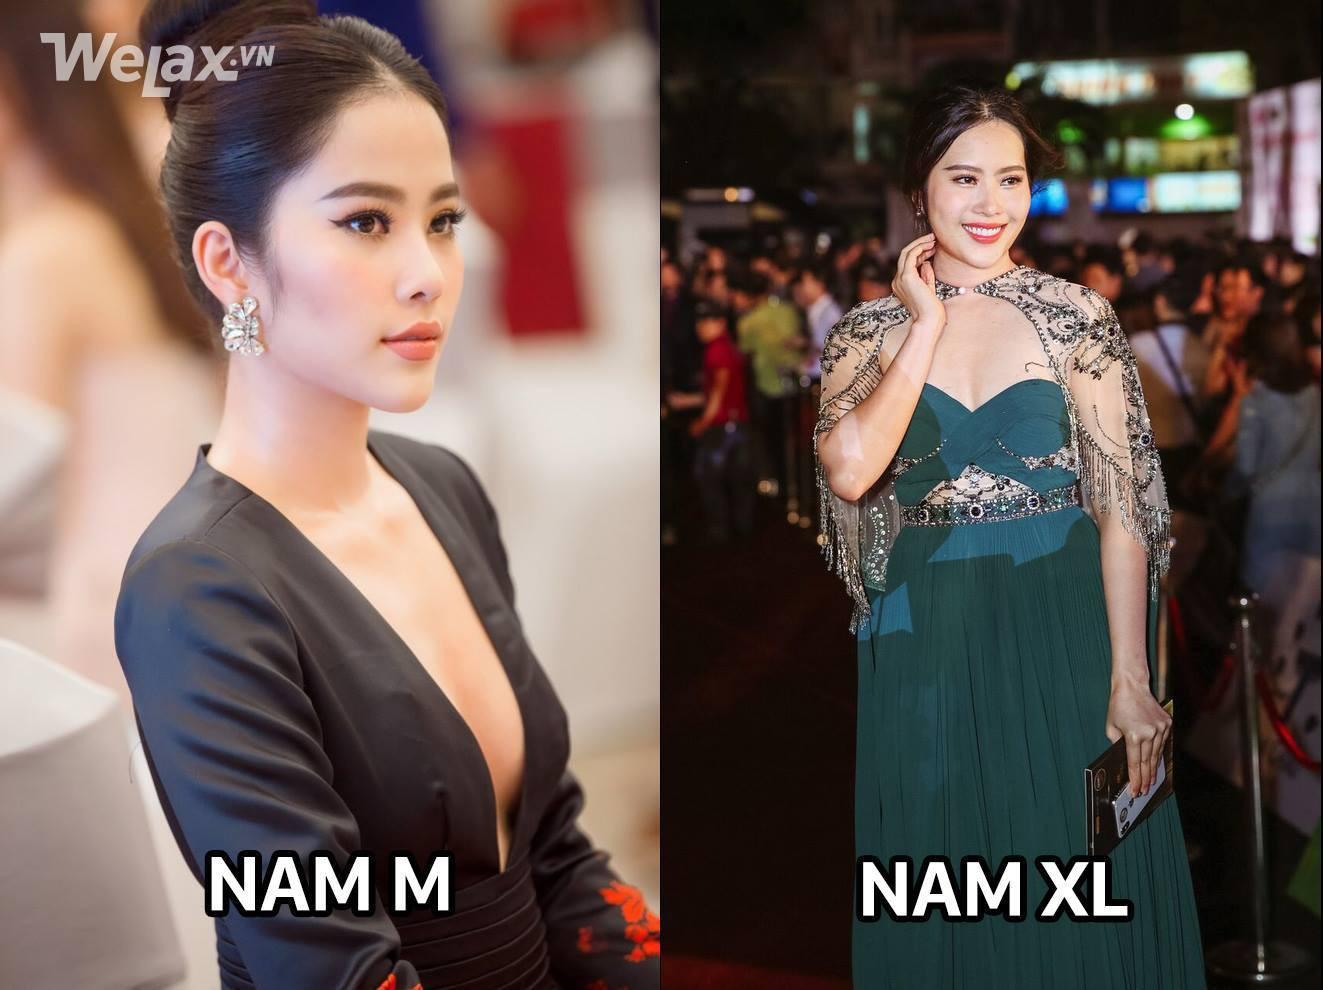 Bảng xếp hạng top 10 gương mặt meme hot nhất Việt Nam 2018 - Ảnh 51.